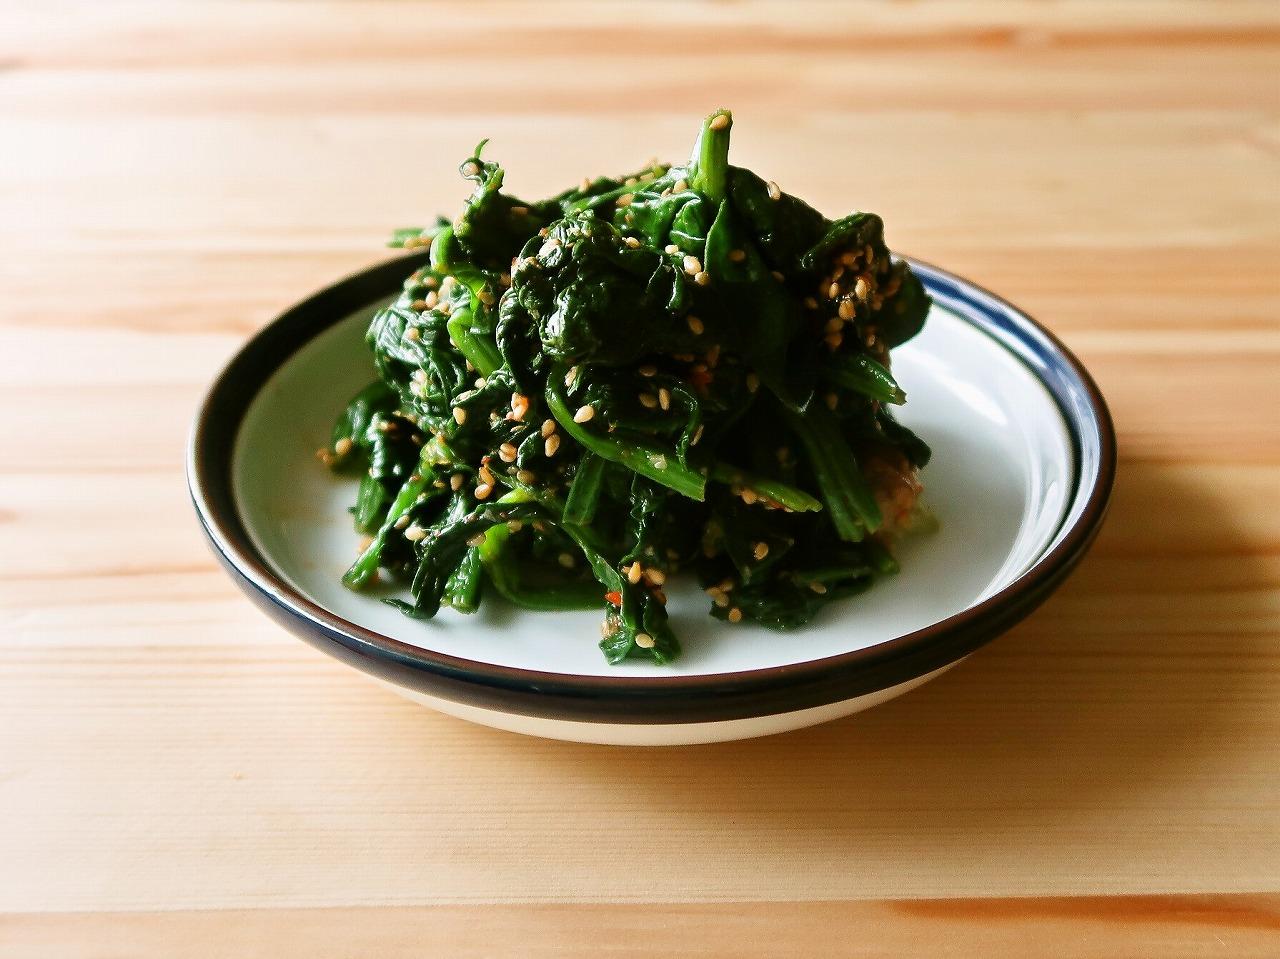 【野菜ひとつ】ほうれん草のピリ辛和え